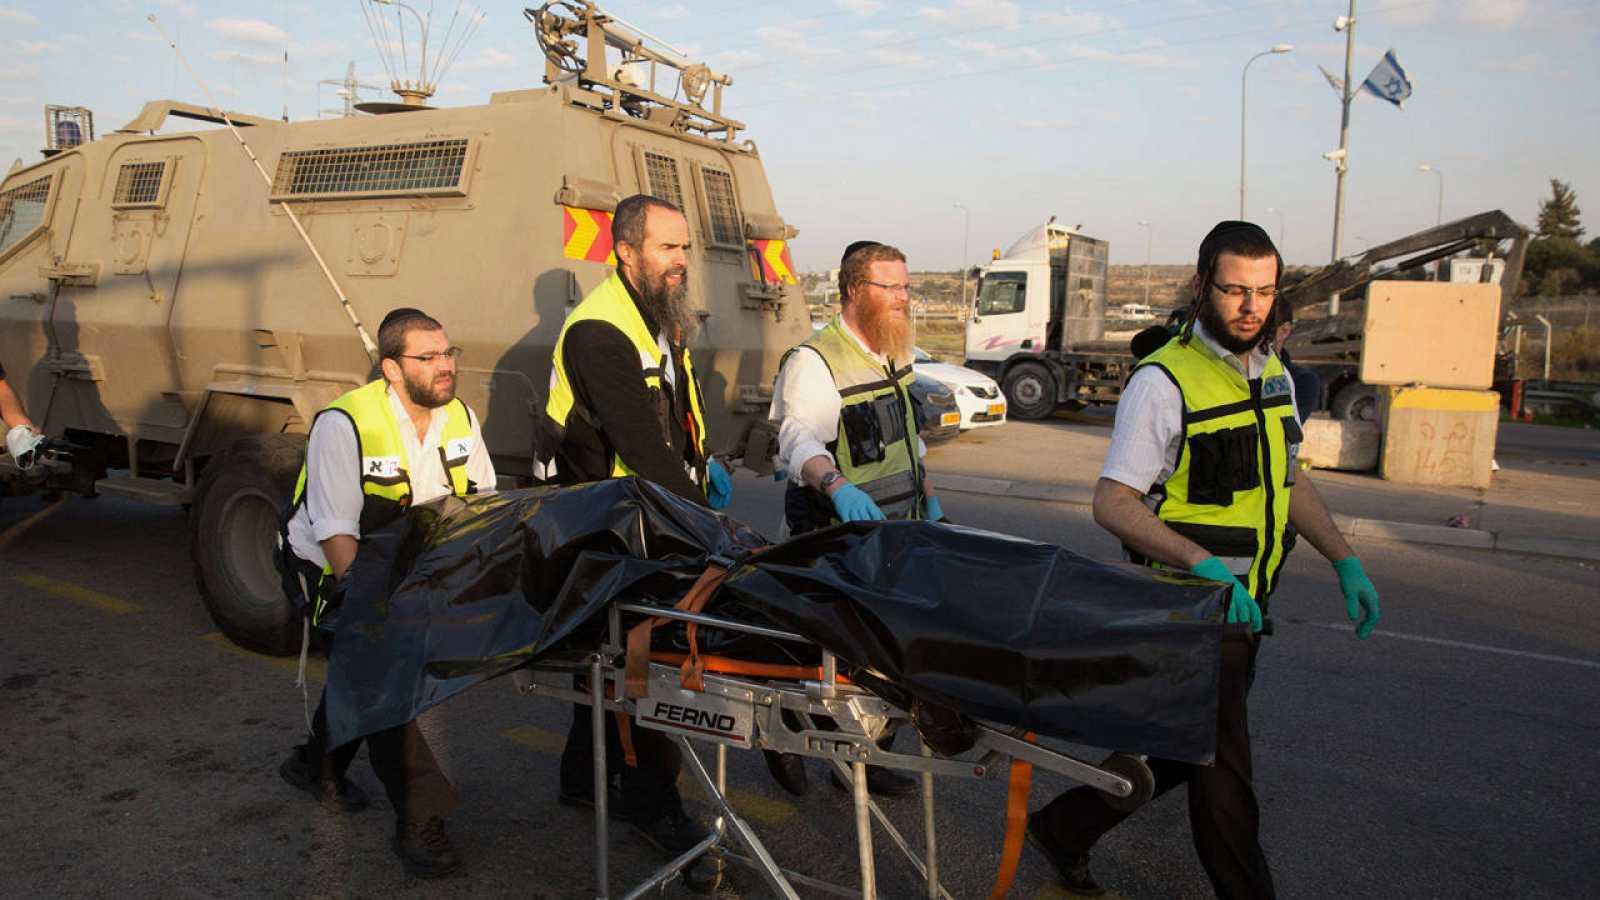 Voluntarios israelíes transportan el cuerpo de un palestino muerto tras apuñalar a una mujer israelí